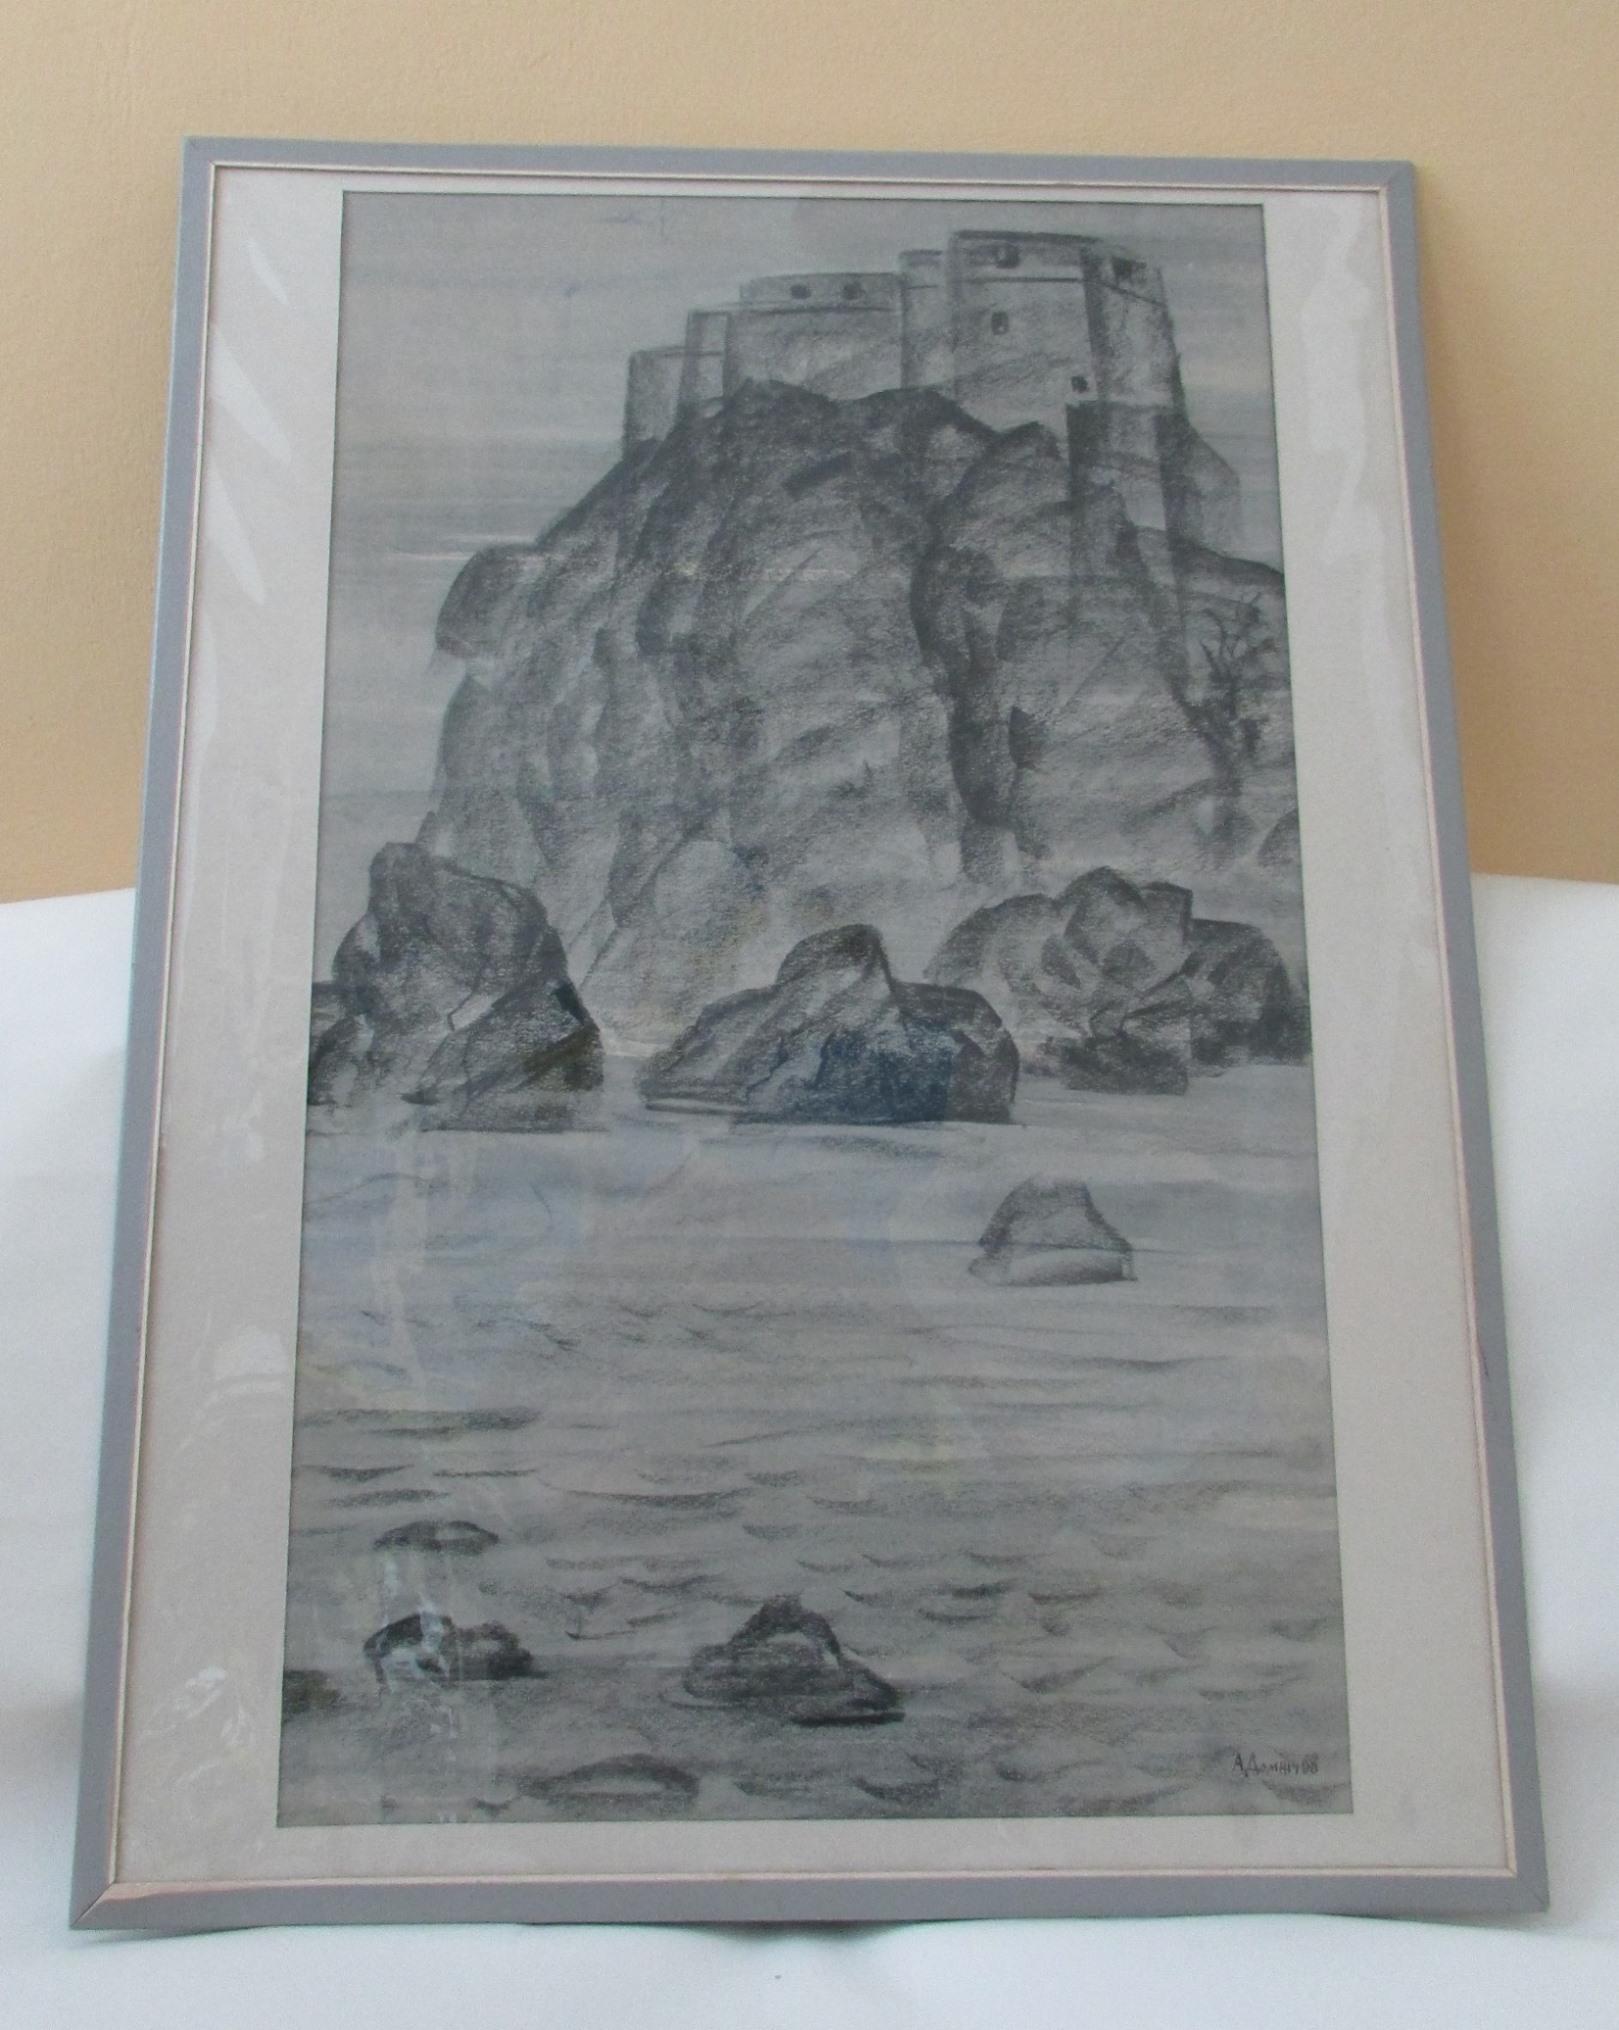 Графіка «Фортеця на острові. Дубровник» А. Т. Домніча